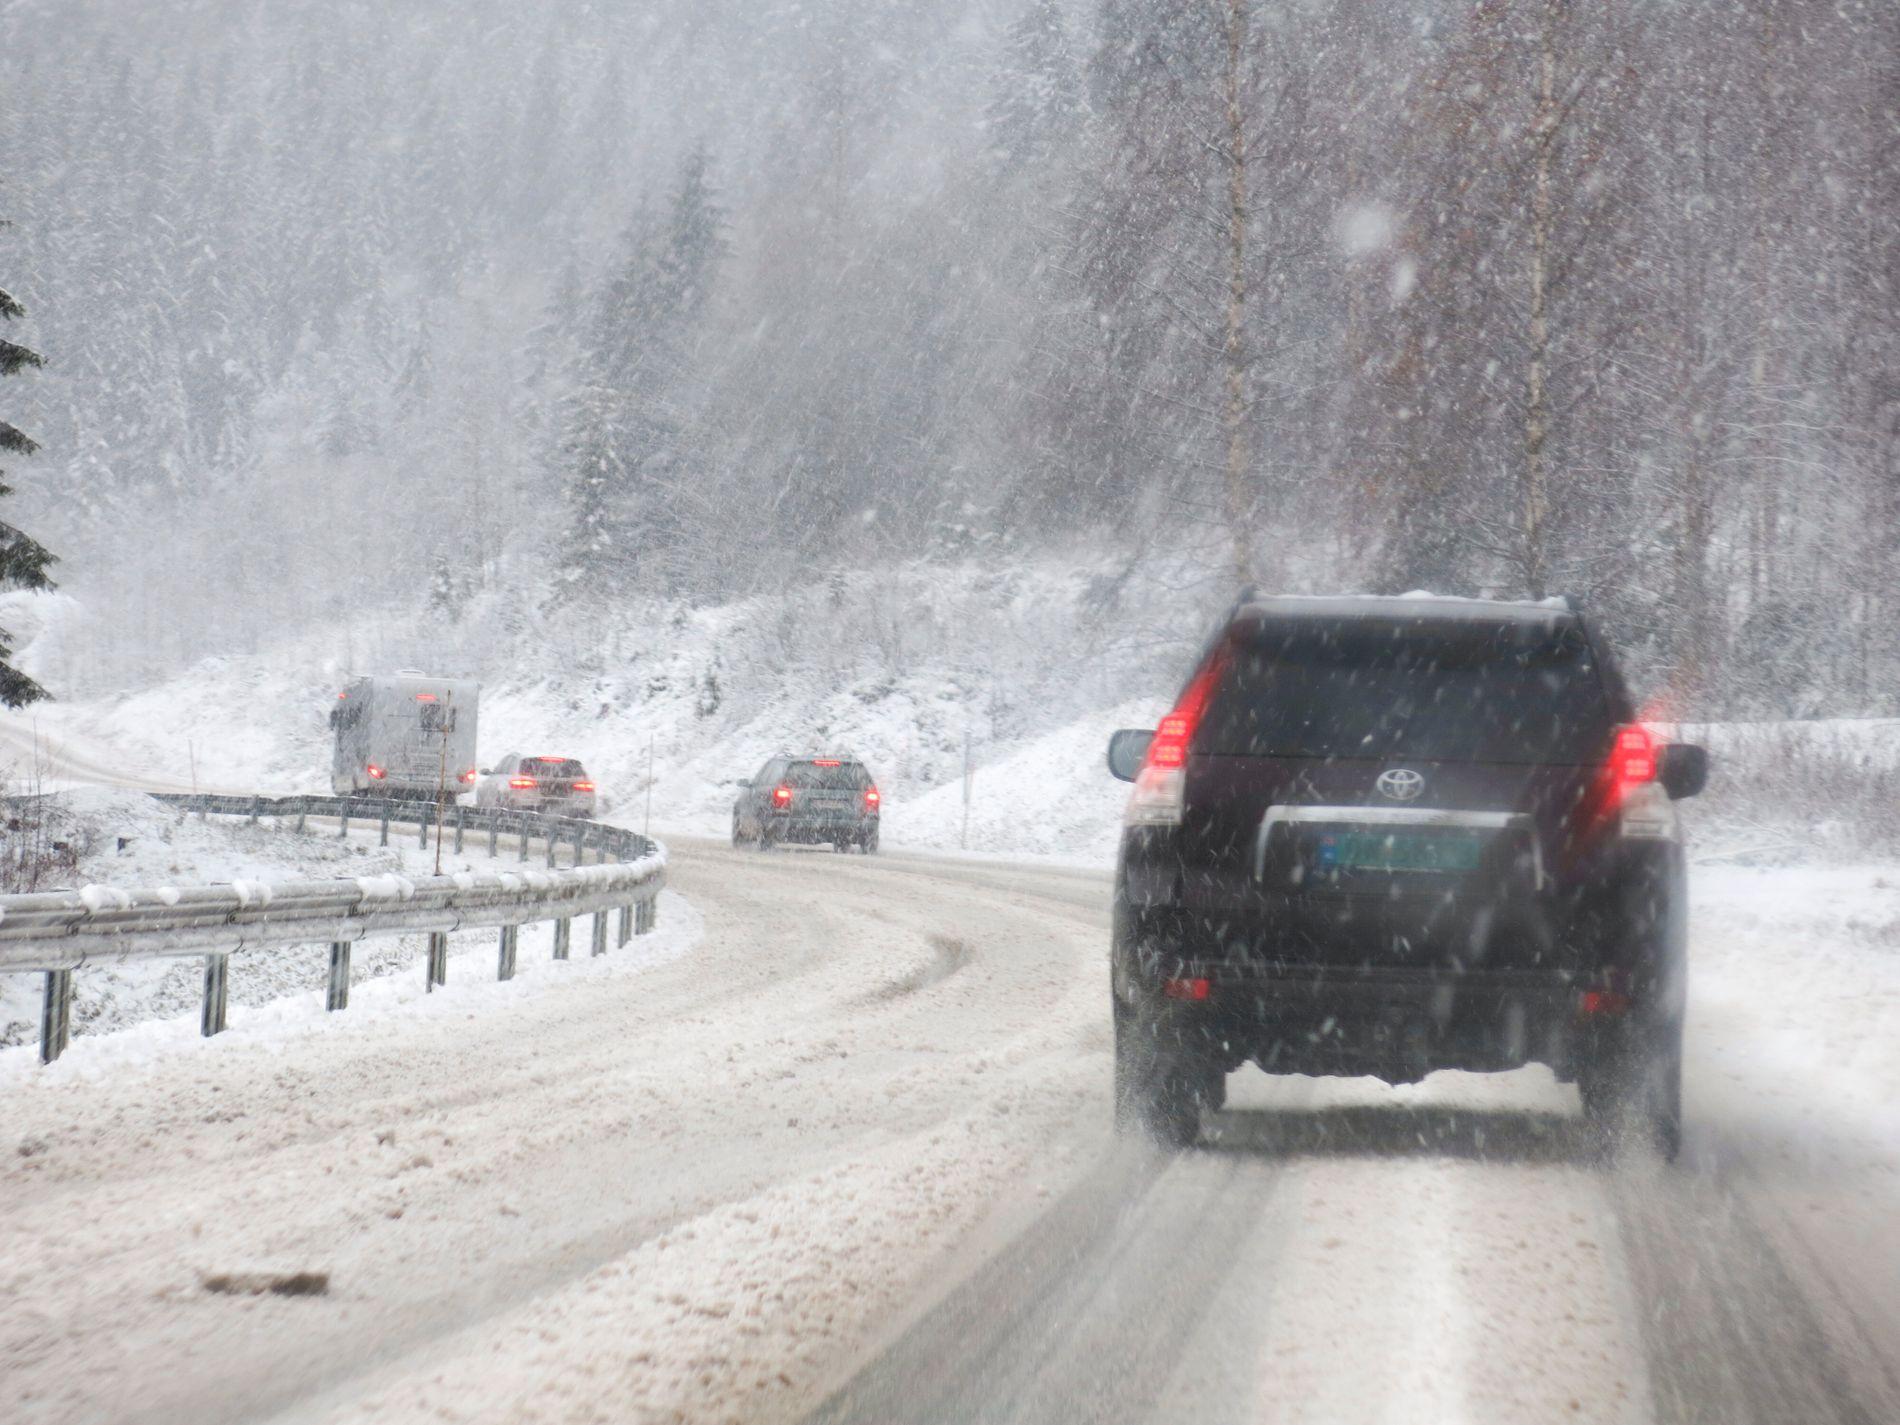 VANSKELIGE KJØREFORHOLD: Mye regn, snø og slaps kan skape vanskeligheter på norske veier andre juledag.